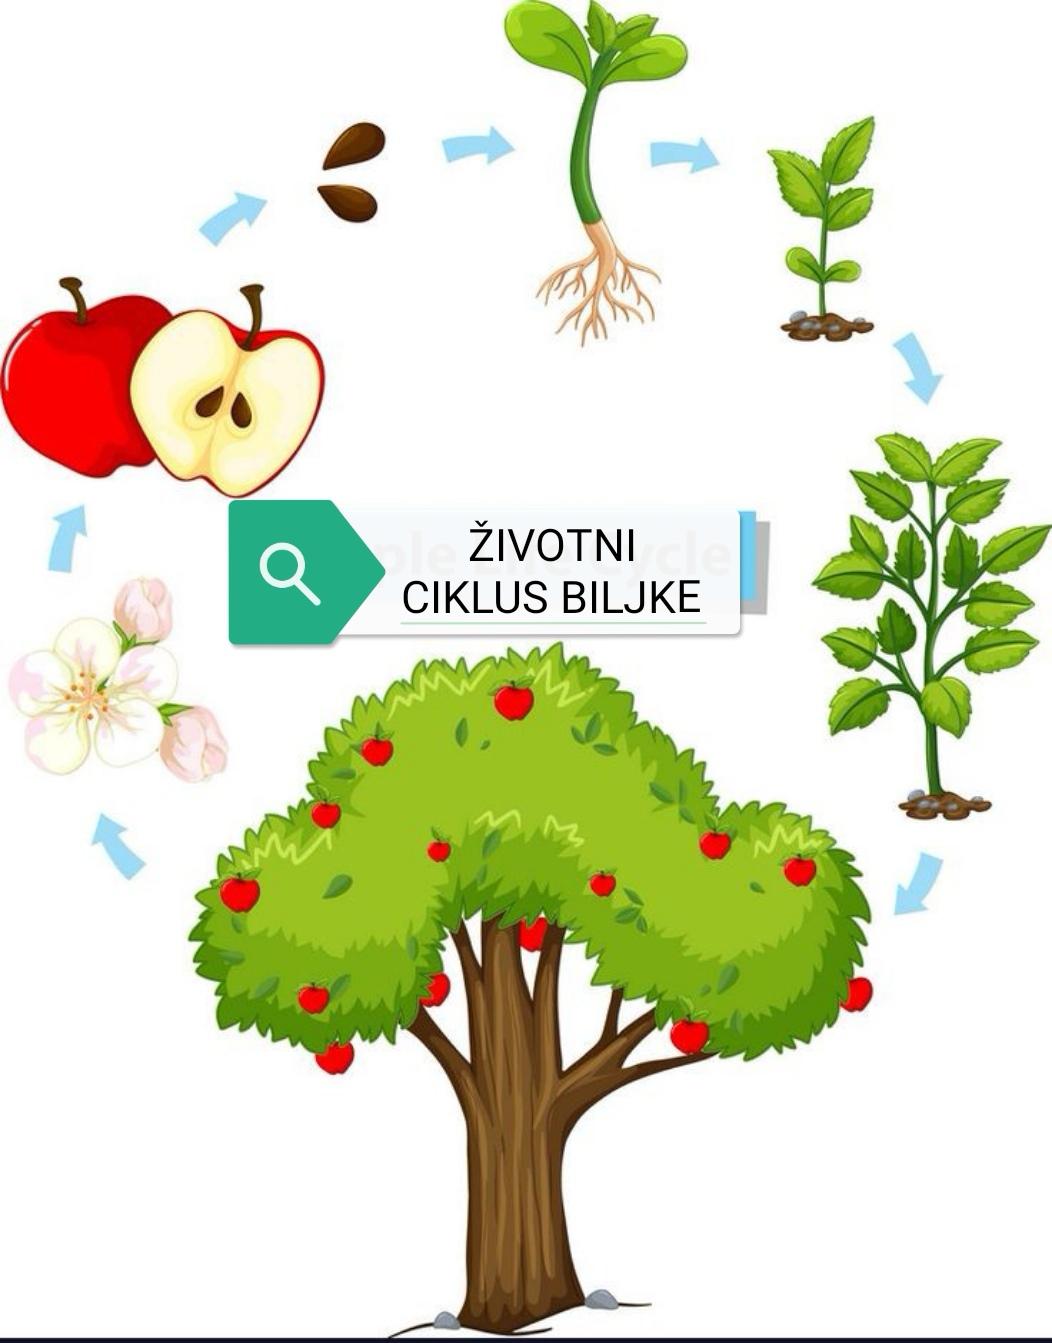 sadimo biljke iz semena, crrtamo njihov životni ciklus